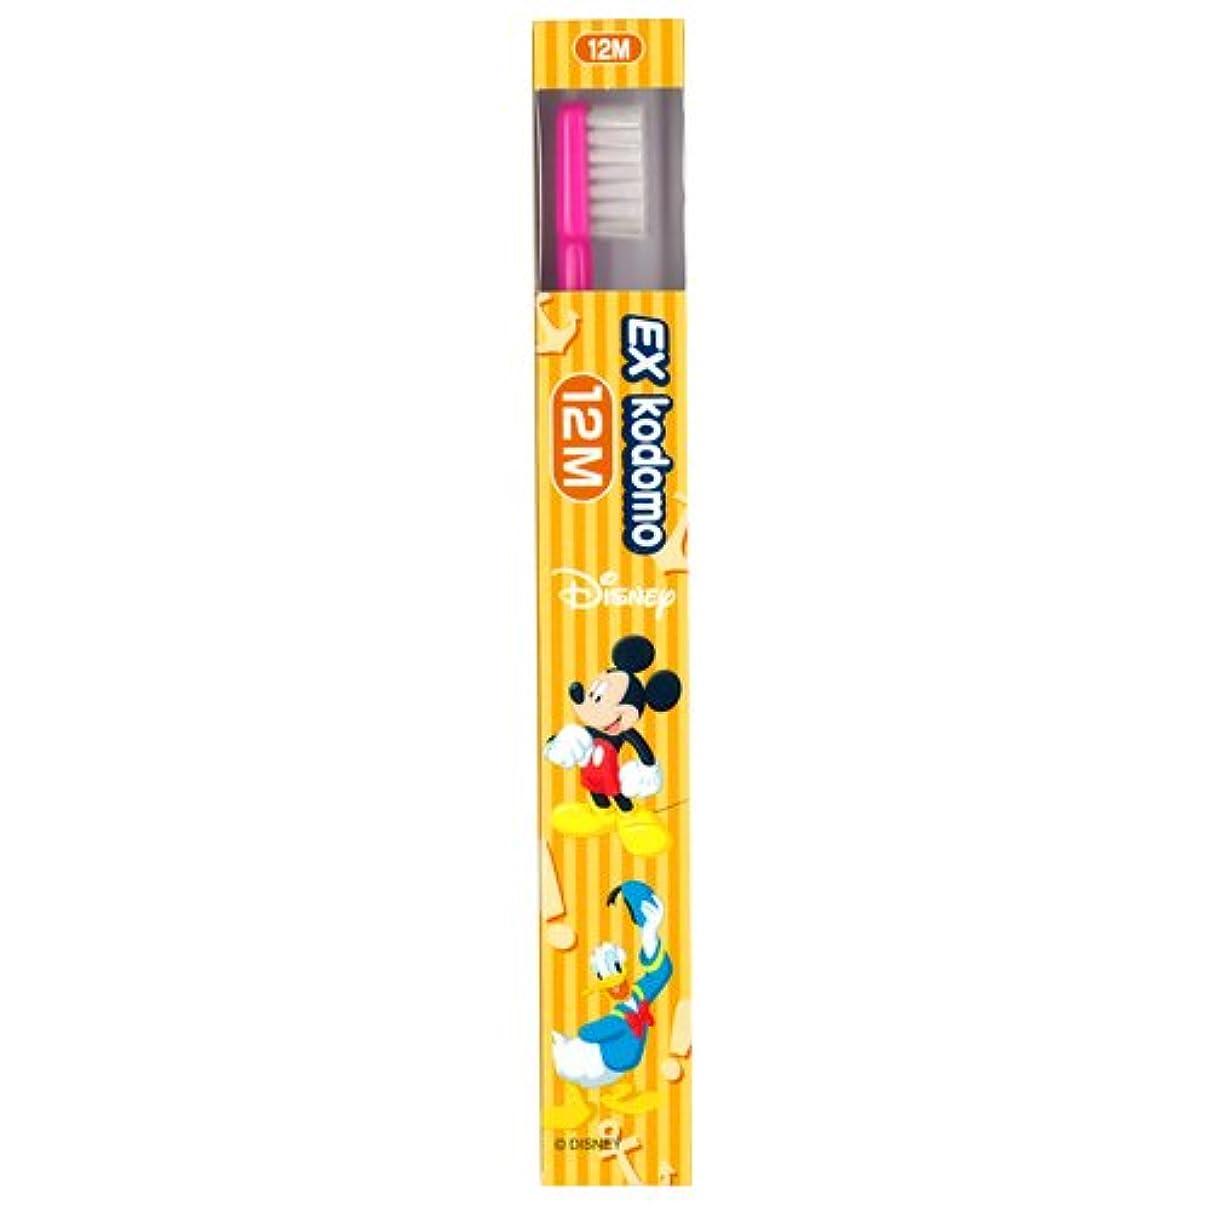 に対応素晴らしいレンズライオン EX kodomo ディズニー 歯ブラシ 1本 12M ピンク